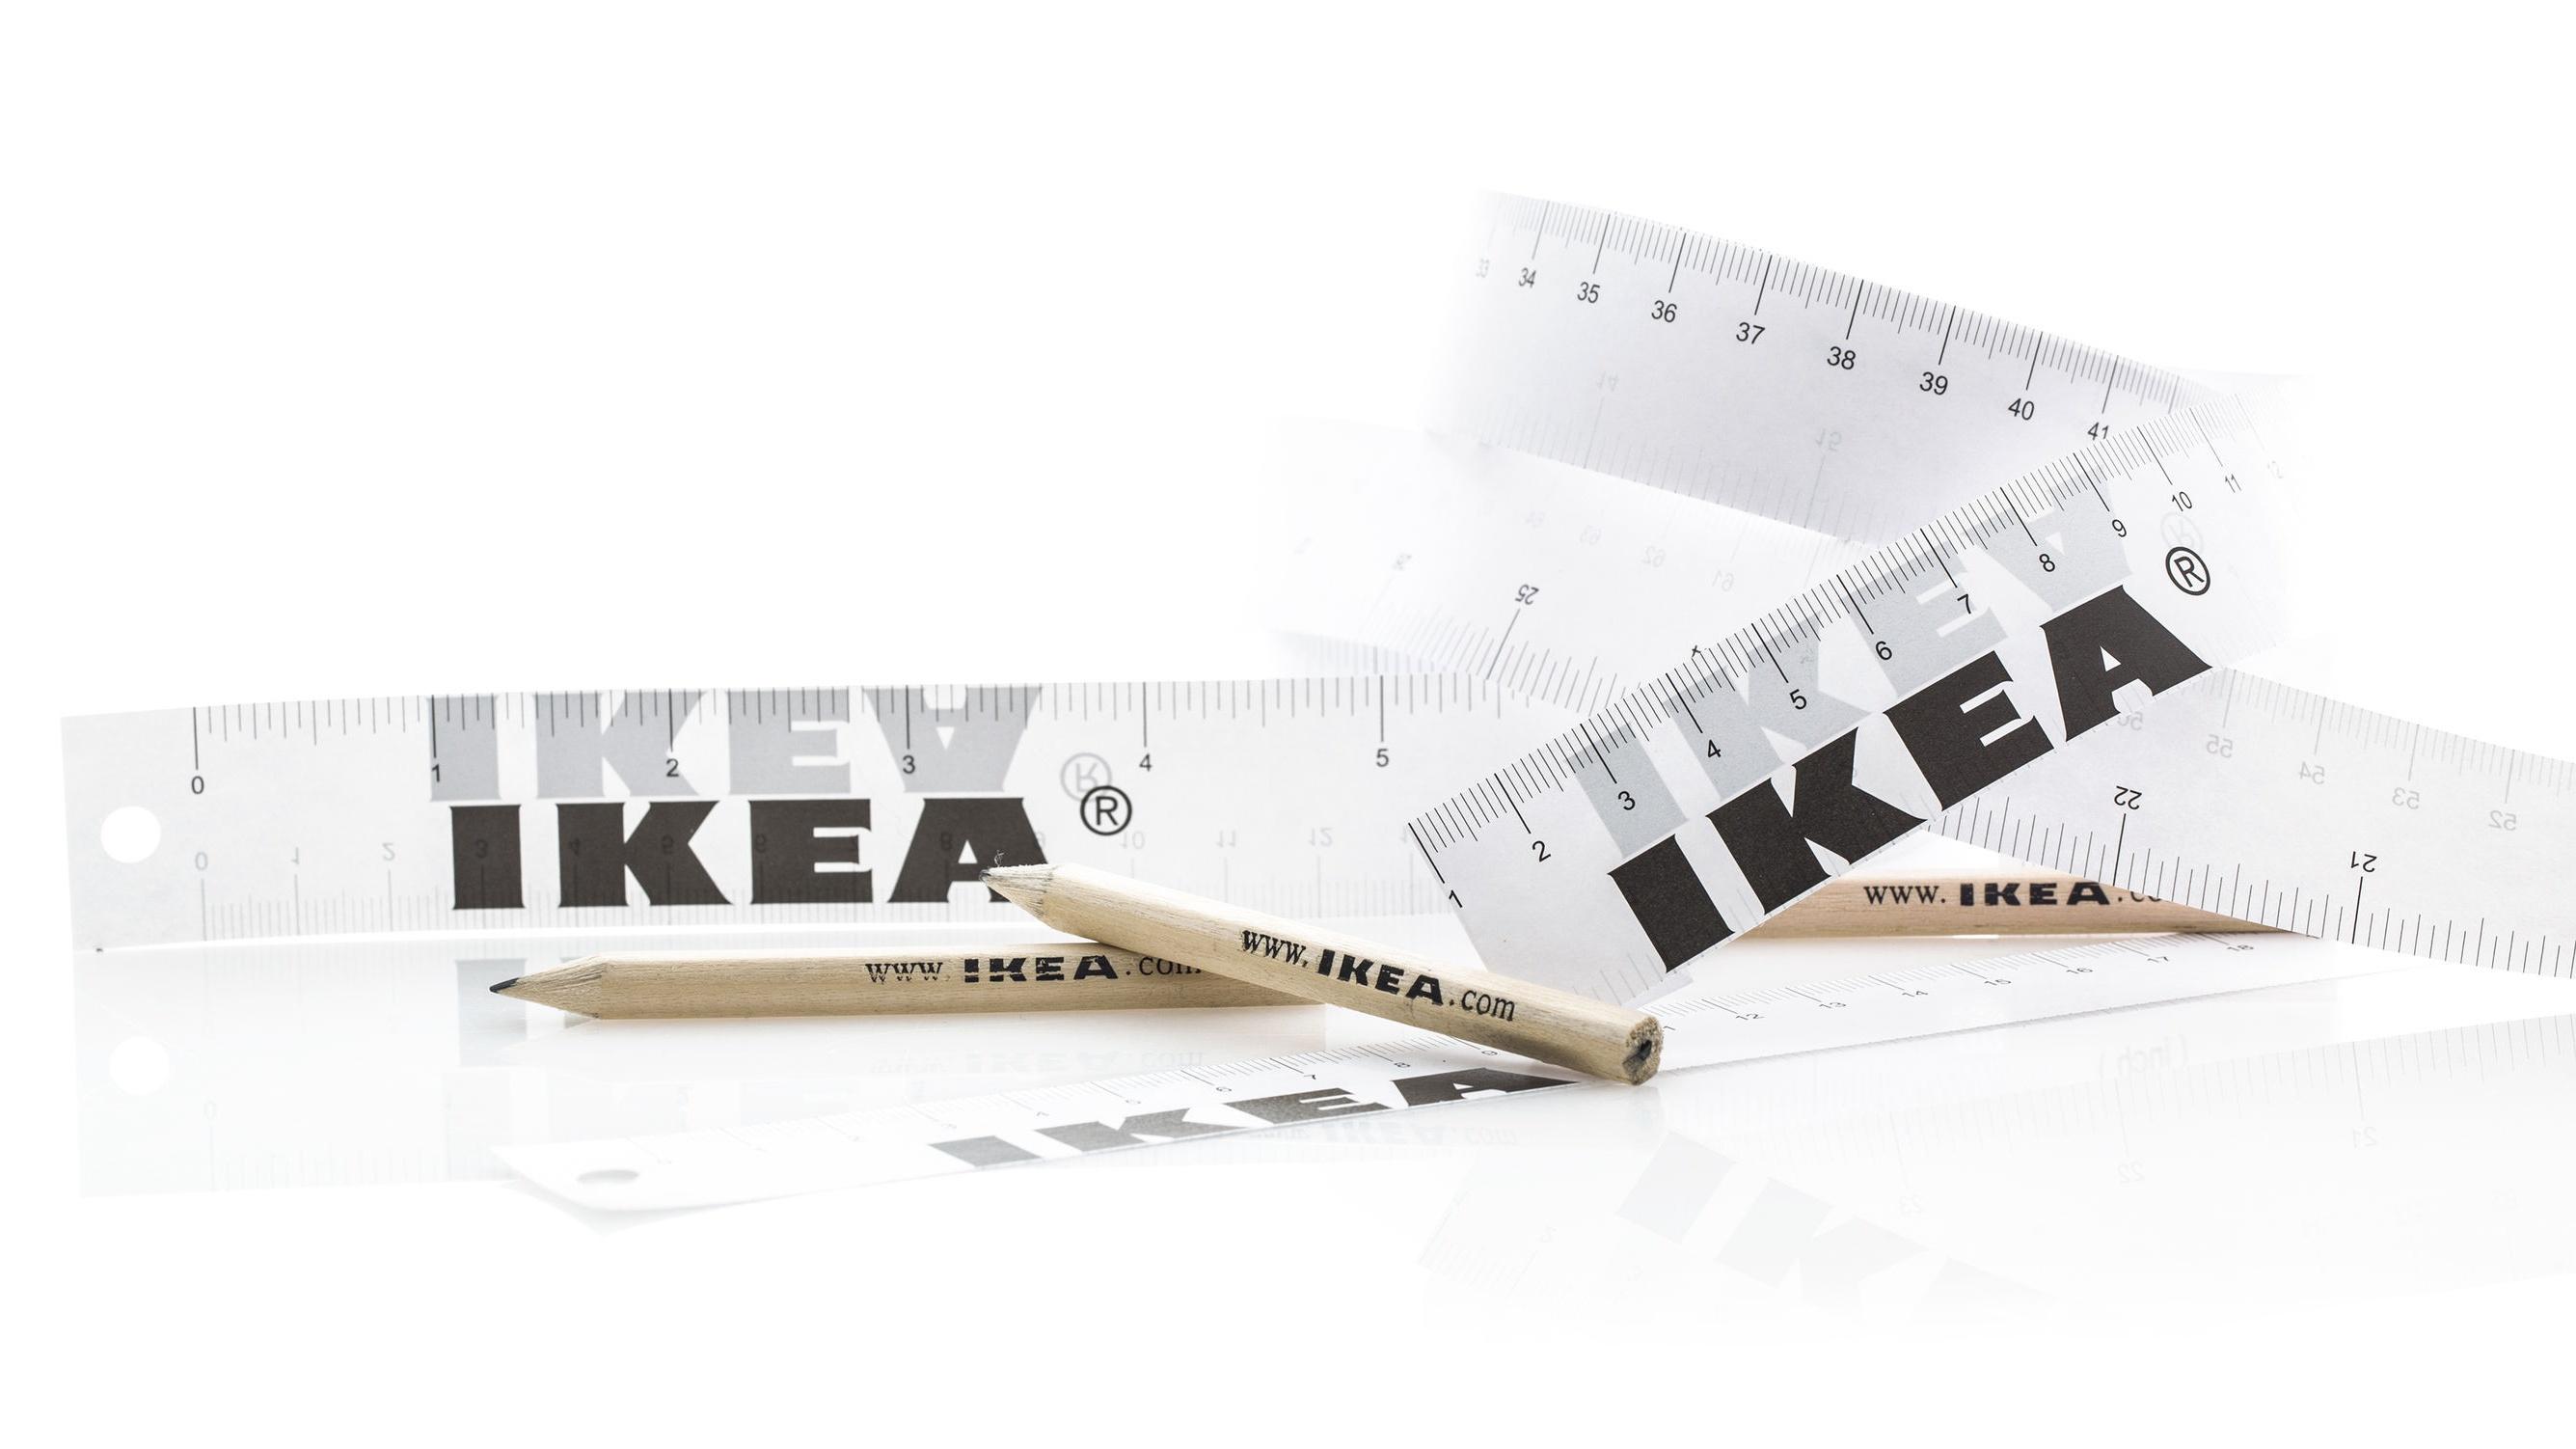 Ikea in belgi van start met click collect twinkle - Suspensio geen externe ikea ...